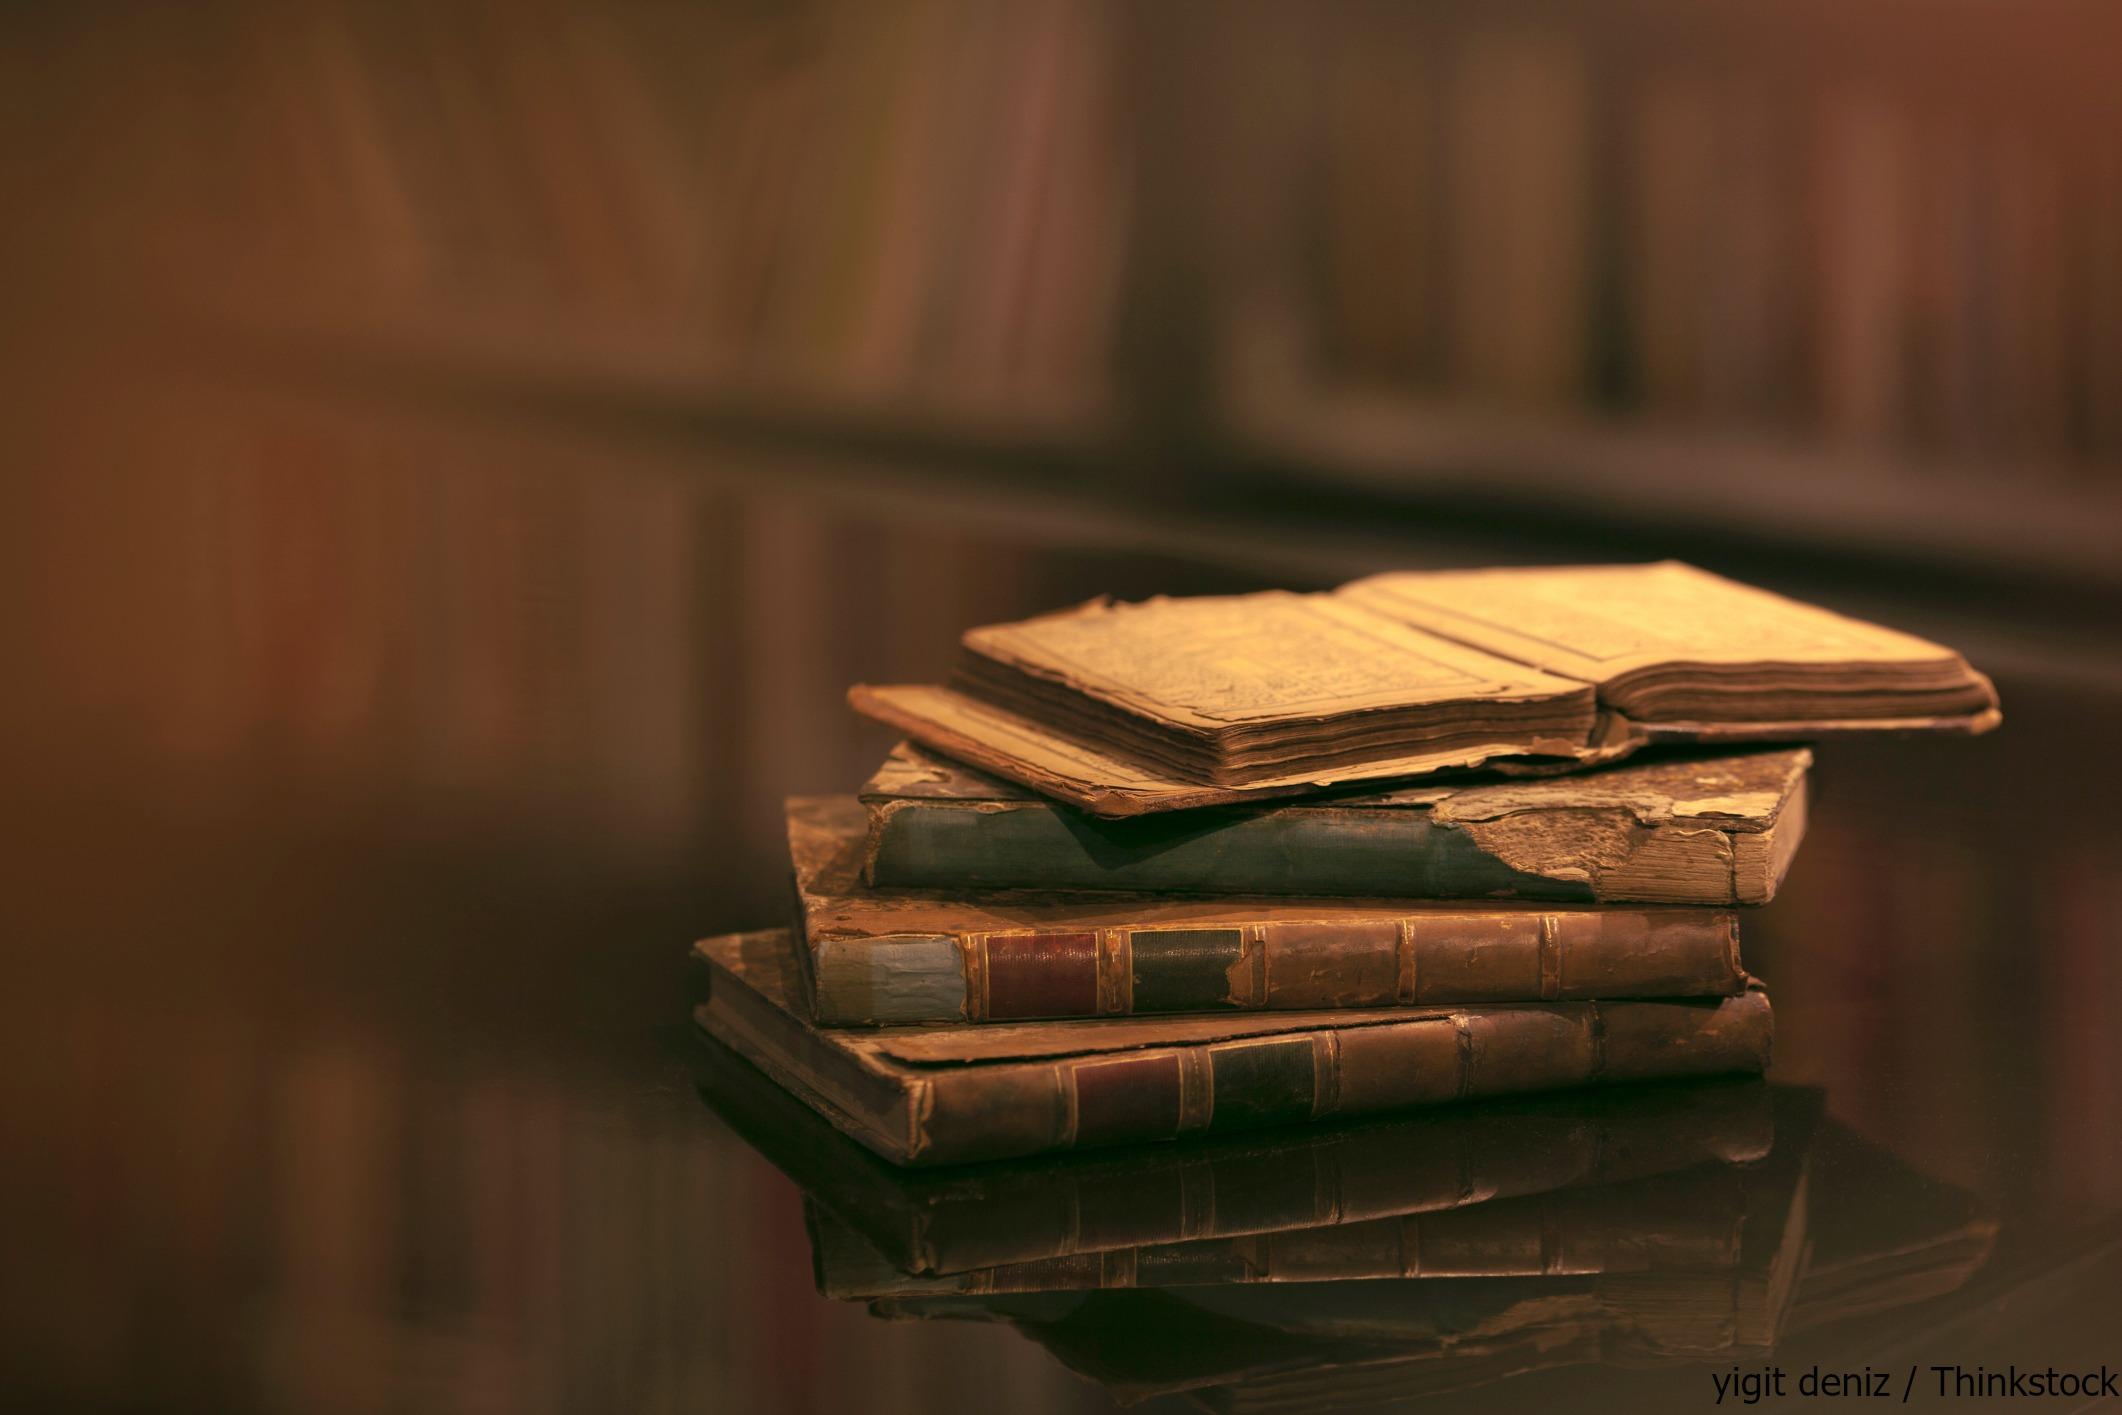 Books about the Edenton Tea Party